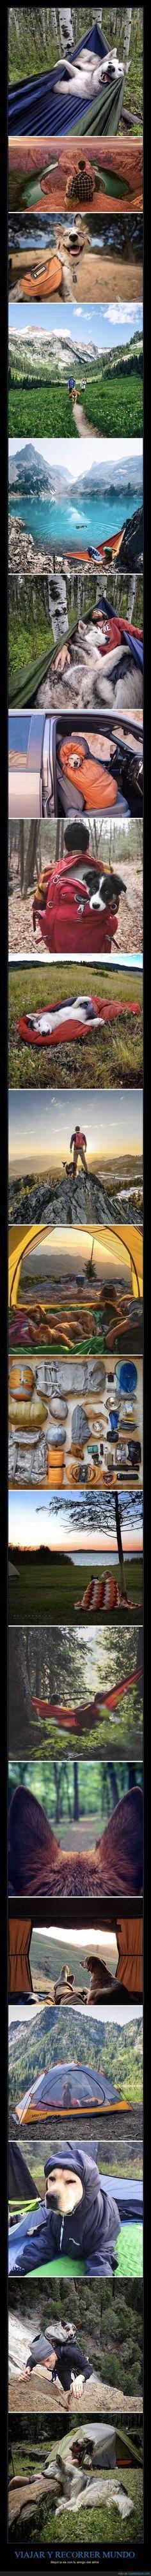 Nada mejor que tu perro para viajar - Mejor si es con tu amigo del alma